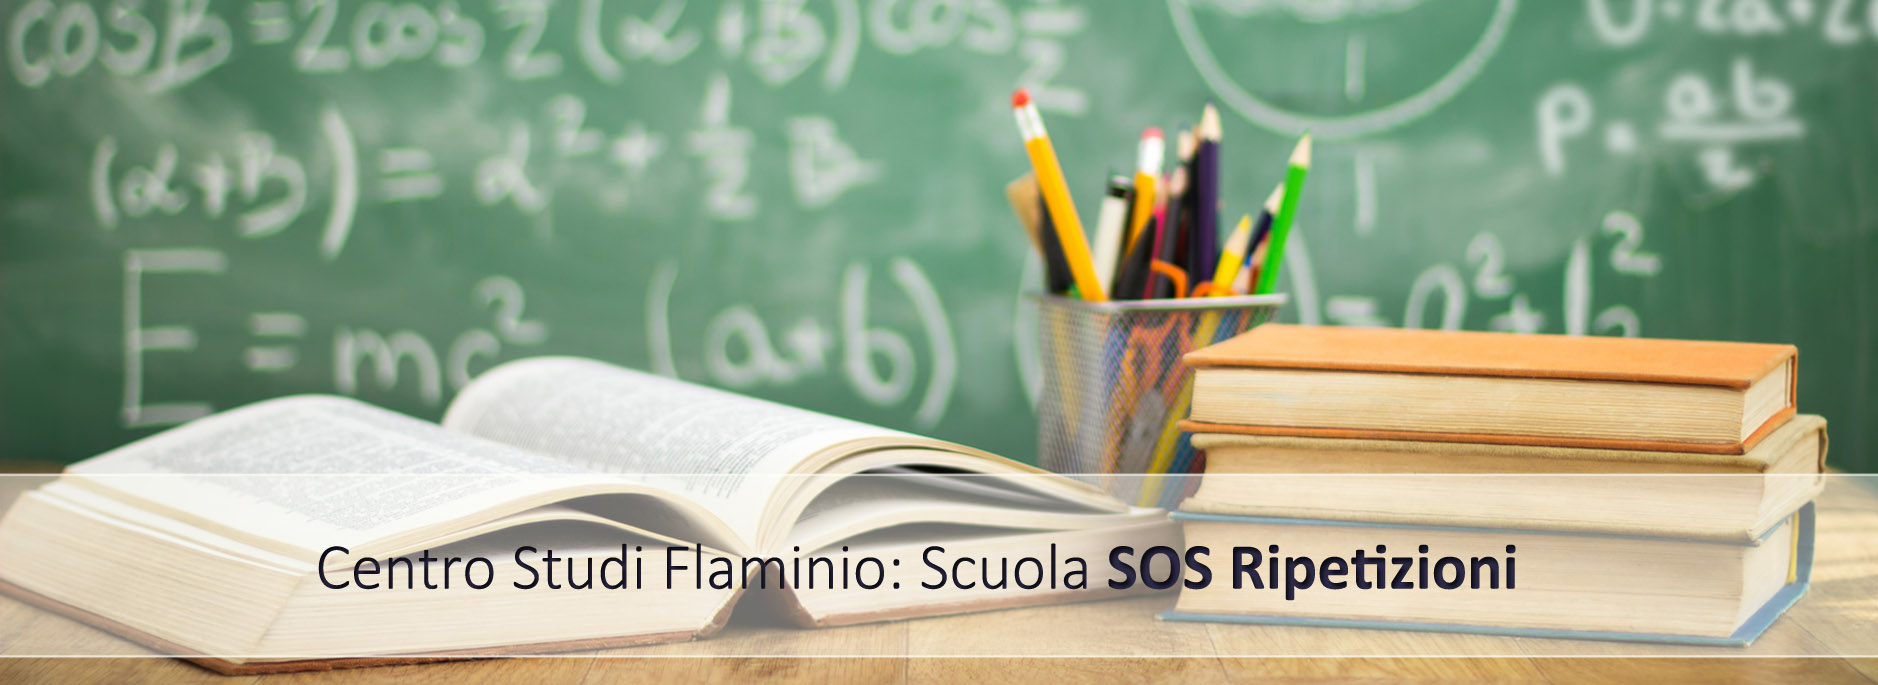 ripetizioni centro studi flaminio roma centro